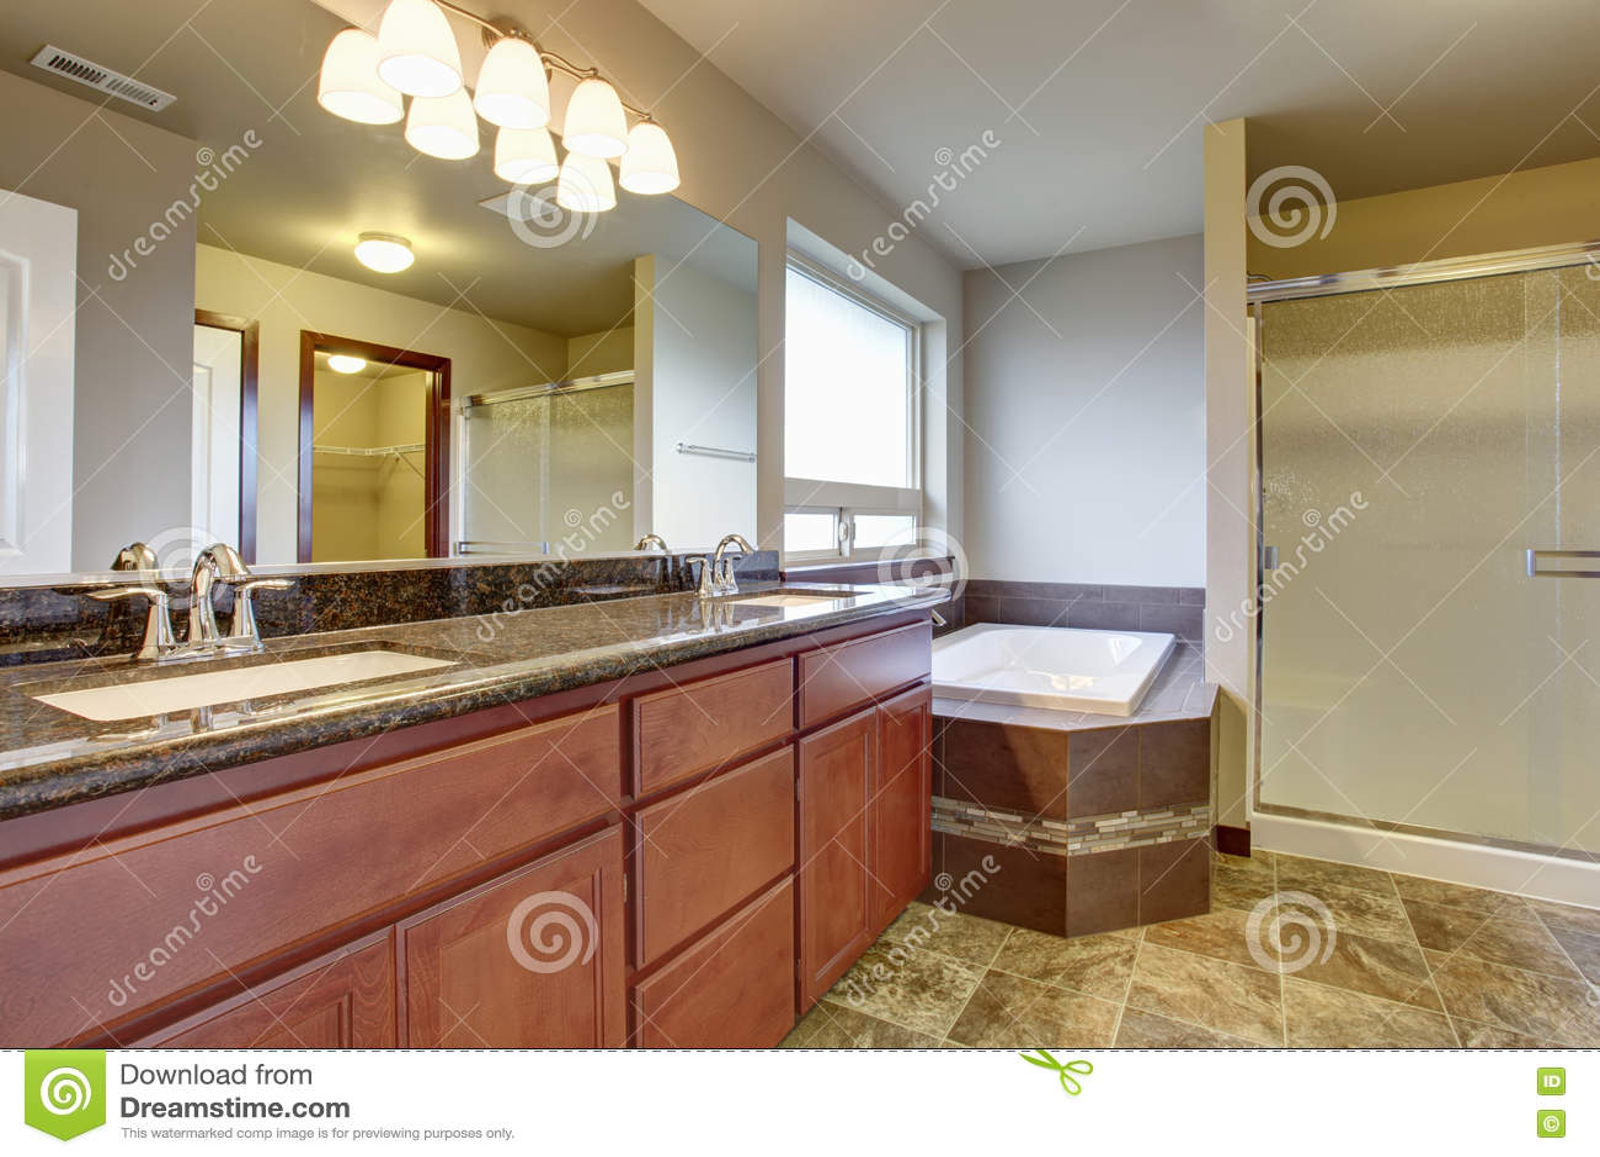 Vasca Da Bagno Con Lavandino : Interno del bagno con il gabinetto di vanità due lavandini e la